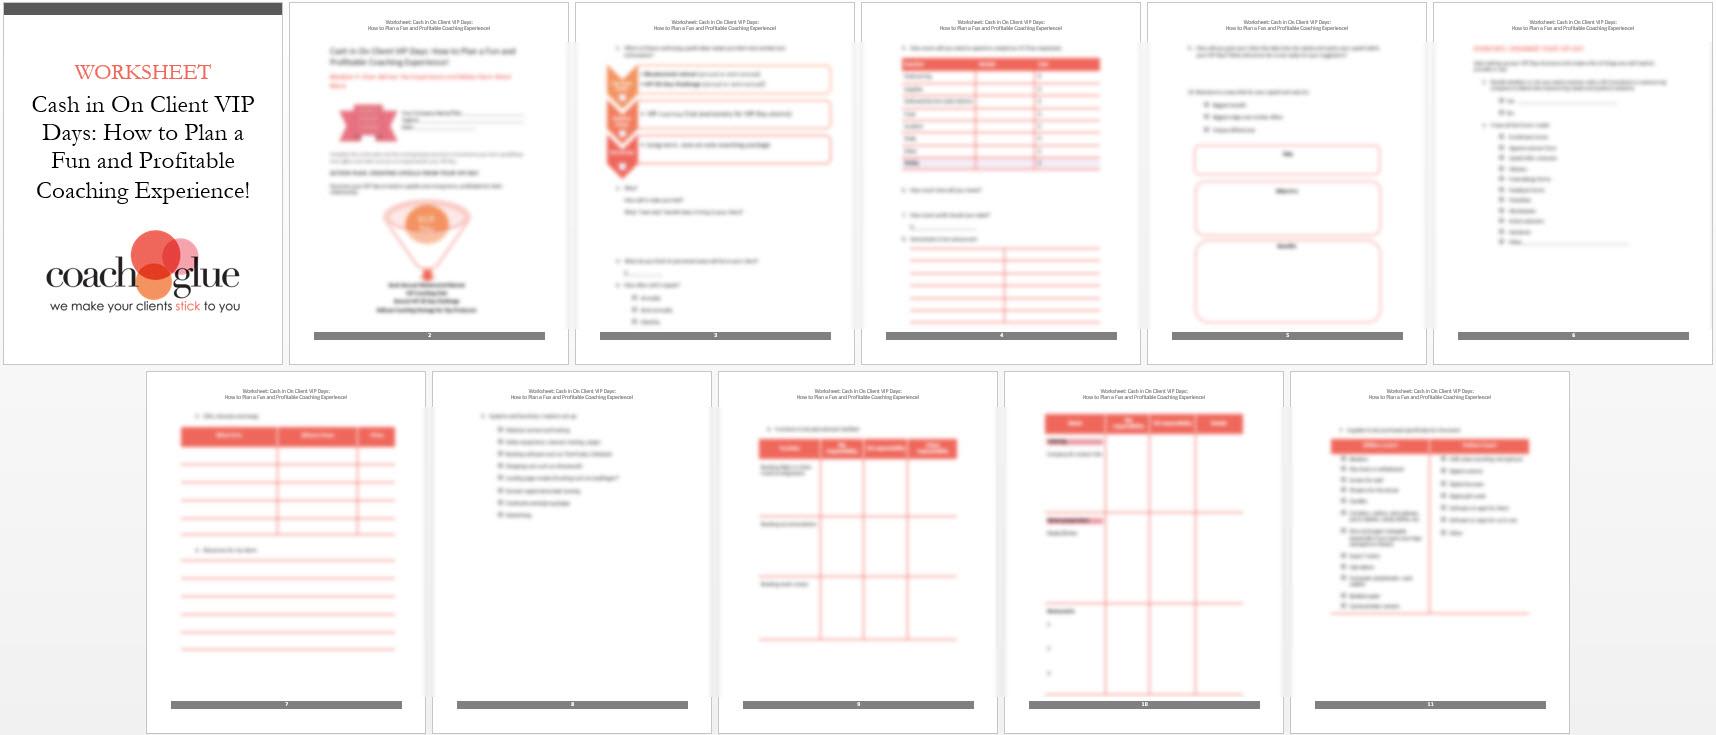 module 4 worksheet